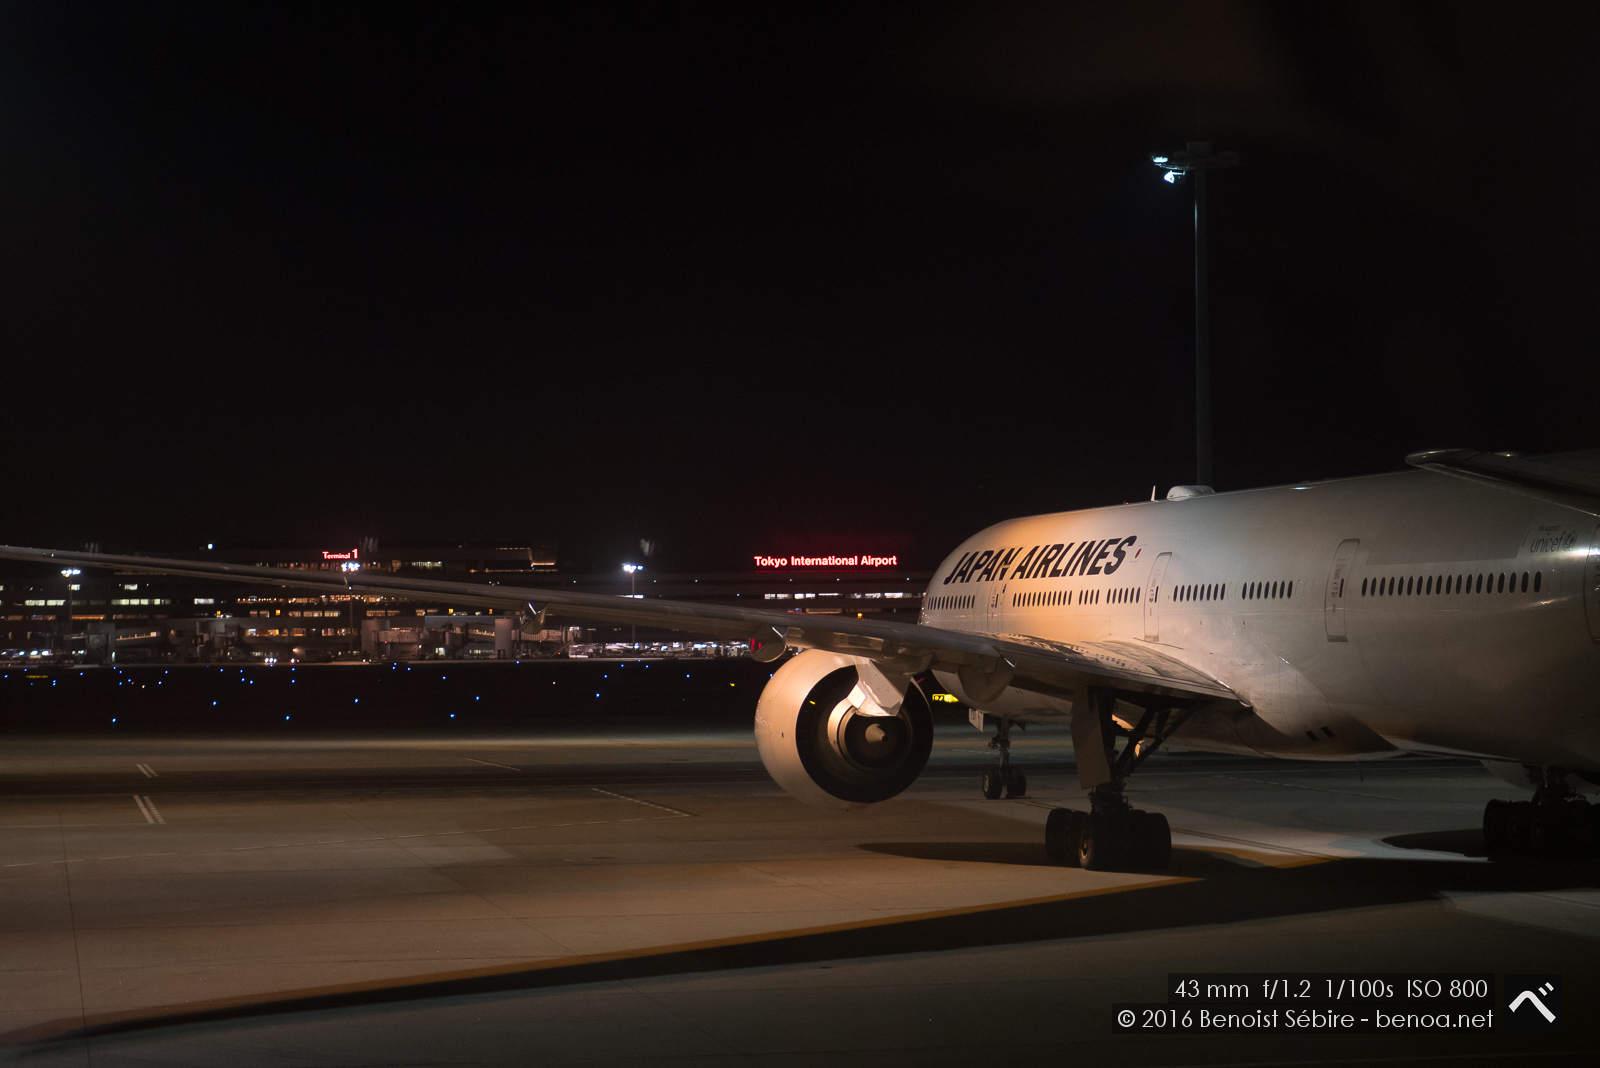 Tokyo Internation Airport